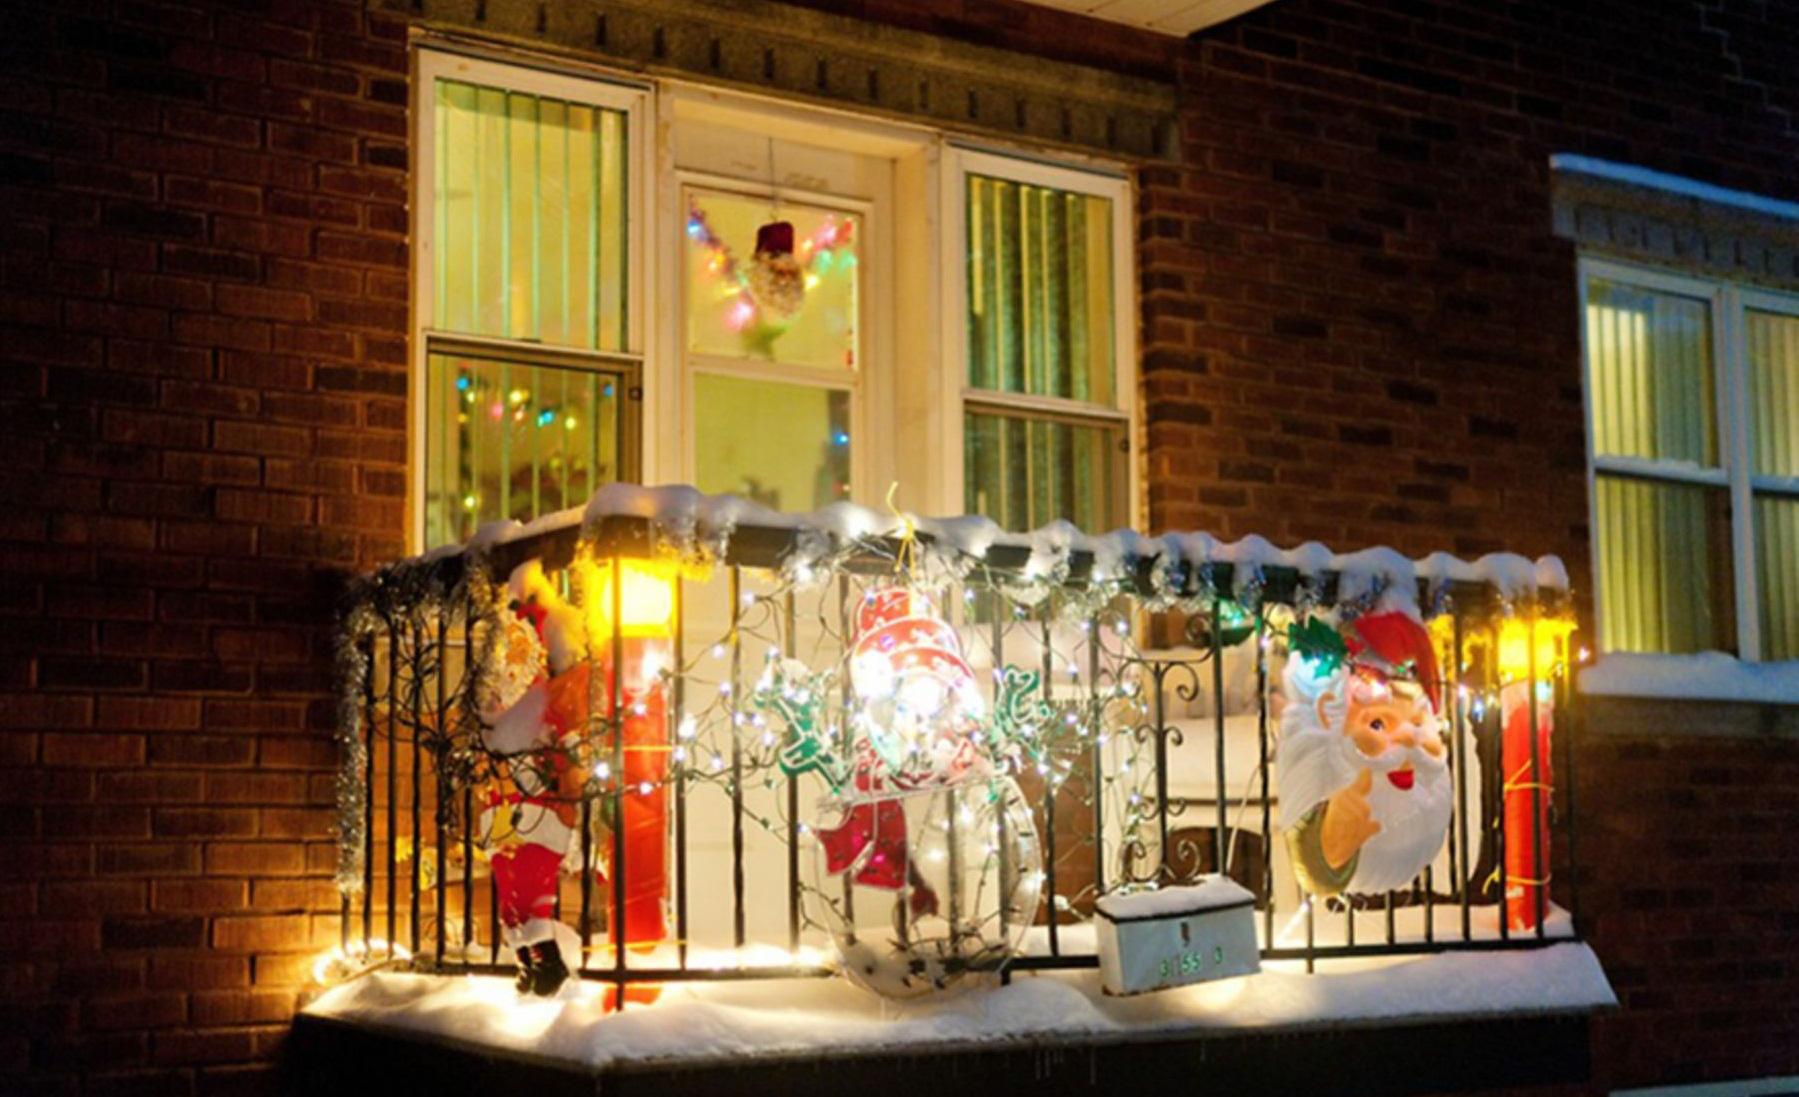 27 ý tưởng trang trí ban công dịp Giáng sinh cực đáng yêu cho mỗi gia đình - Ảnh 17.